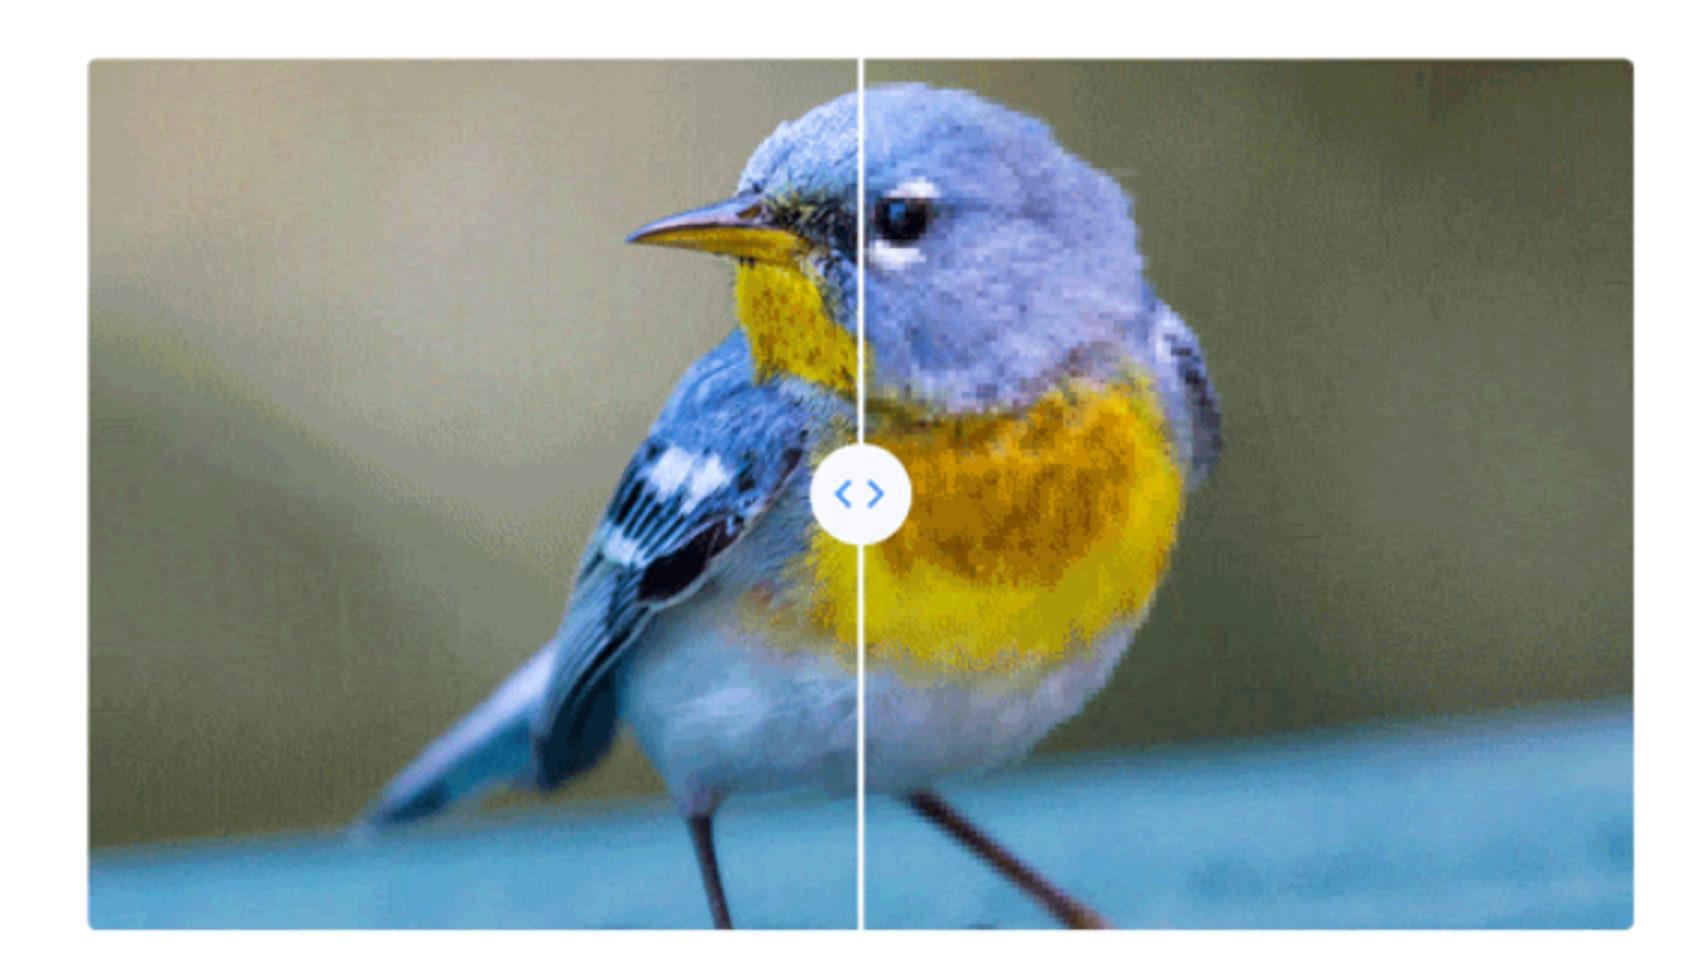 Imagen comparativa de calidad de fotos de Google